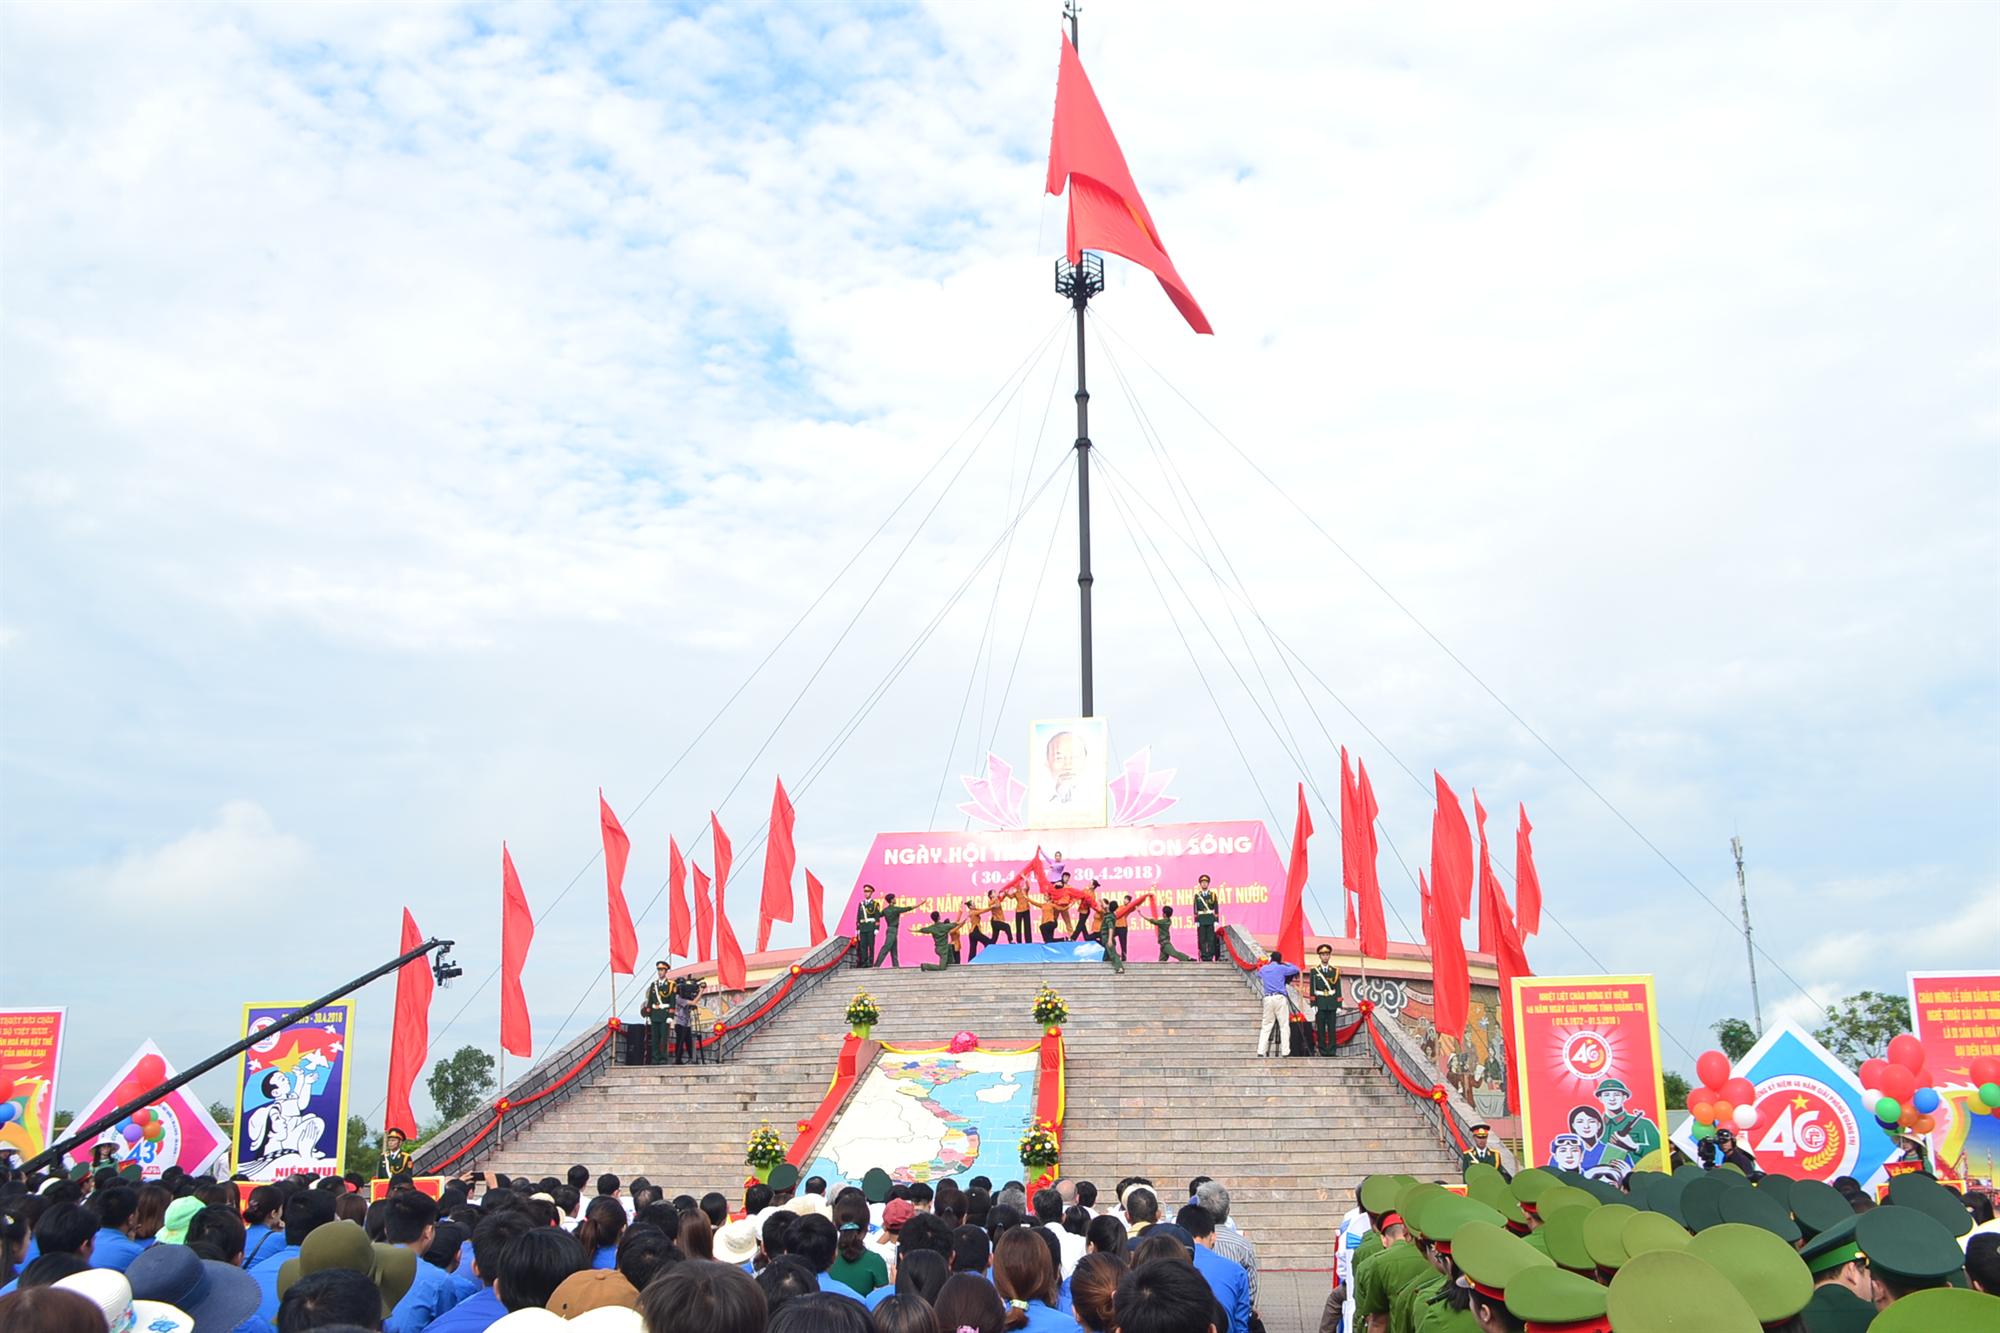 Lễ Thượng cờ Ngày hội thống nhất tại Đôi bờ Hiền Lương-Bến Hải